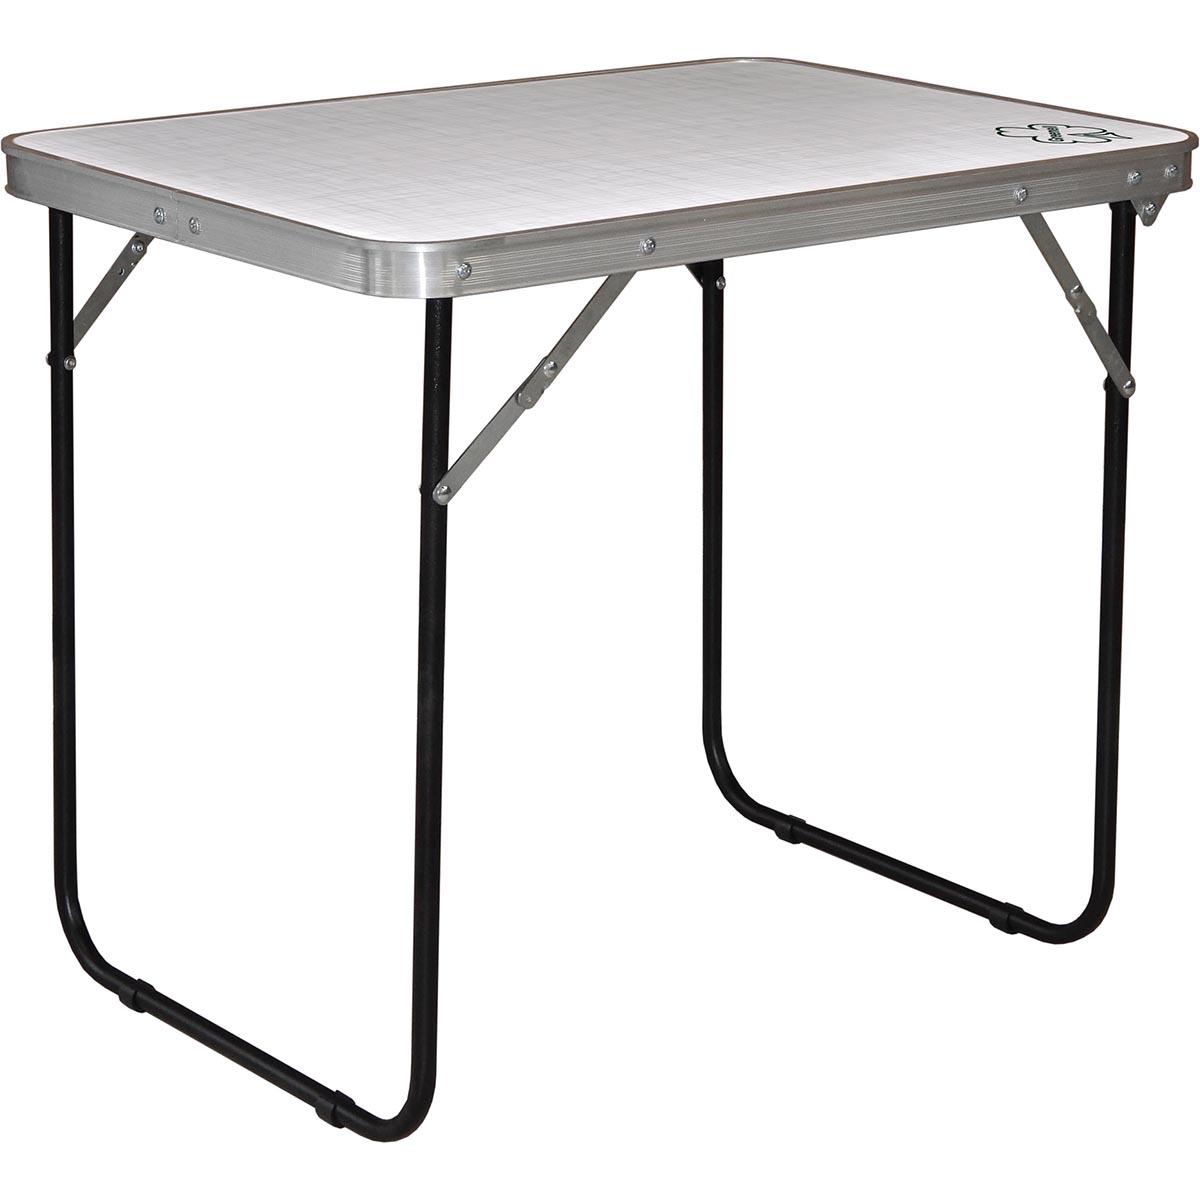 Стол складной Greenell FT-12 R16 WR, цвет: стальной95860-000-00Складной стол для кемпингового отдыха на природе. Водостойкий материал столешницы. Макс нагрузка: 30 кг